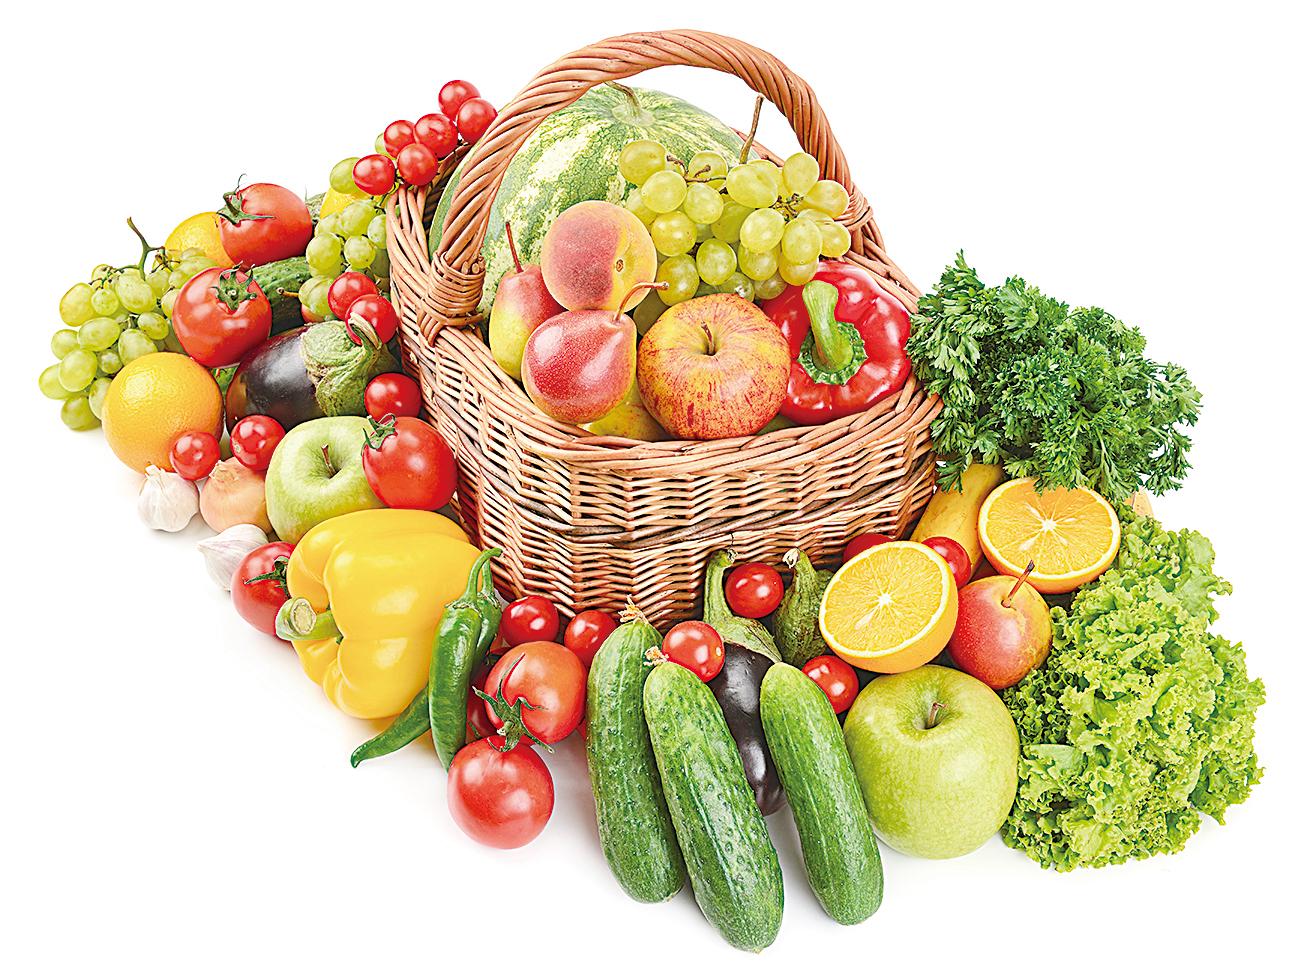 多吃鹼性的食物,能減輕對皮膚的侵蝕和損害。